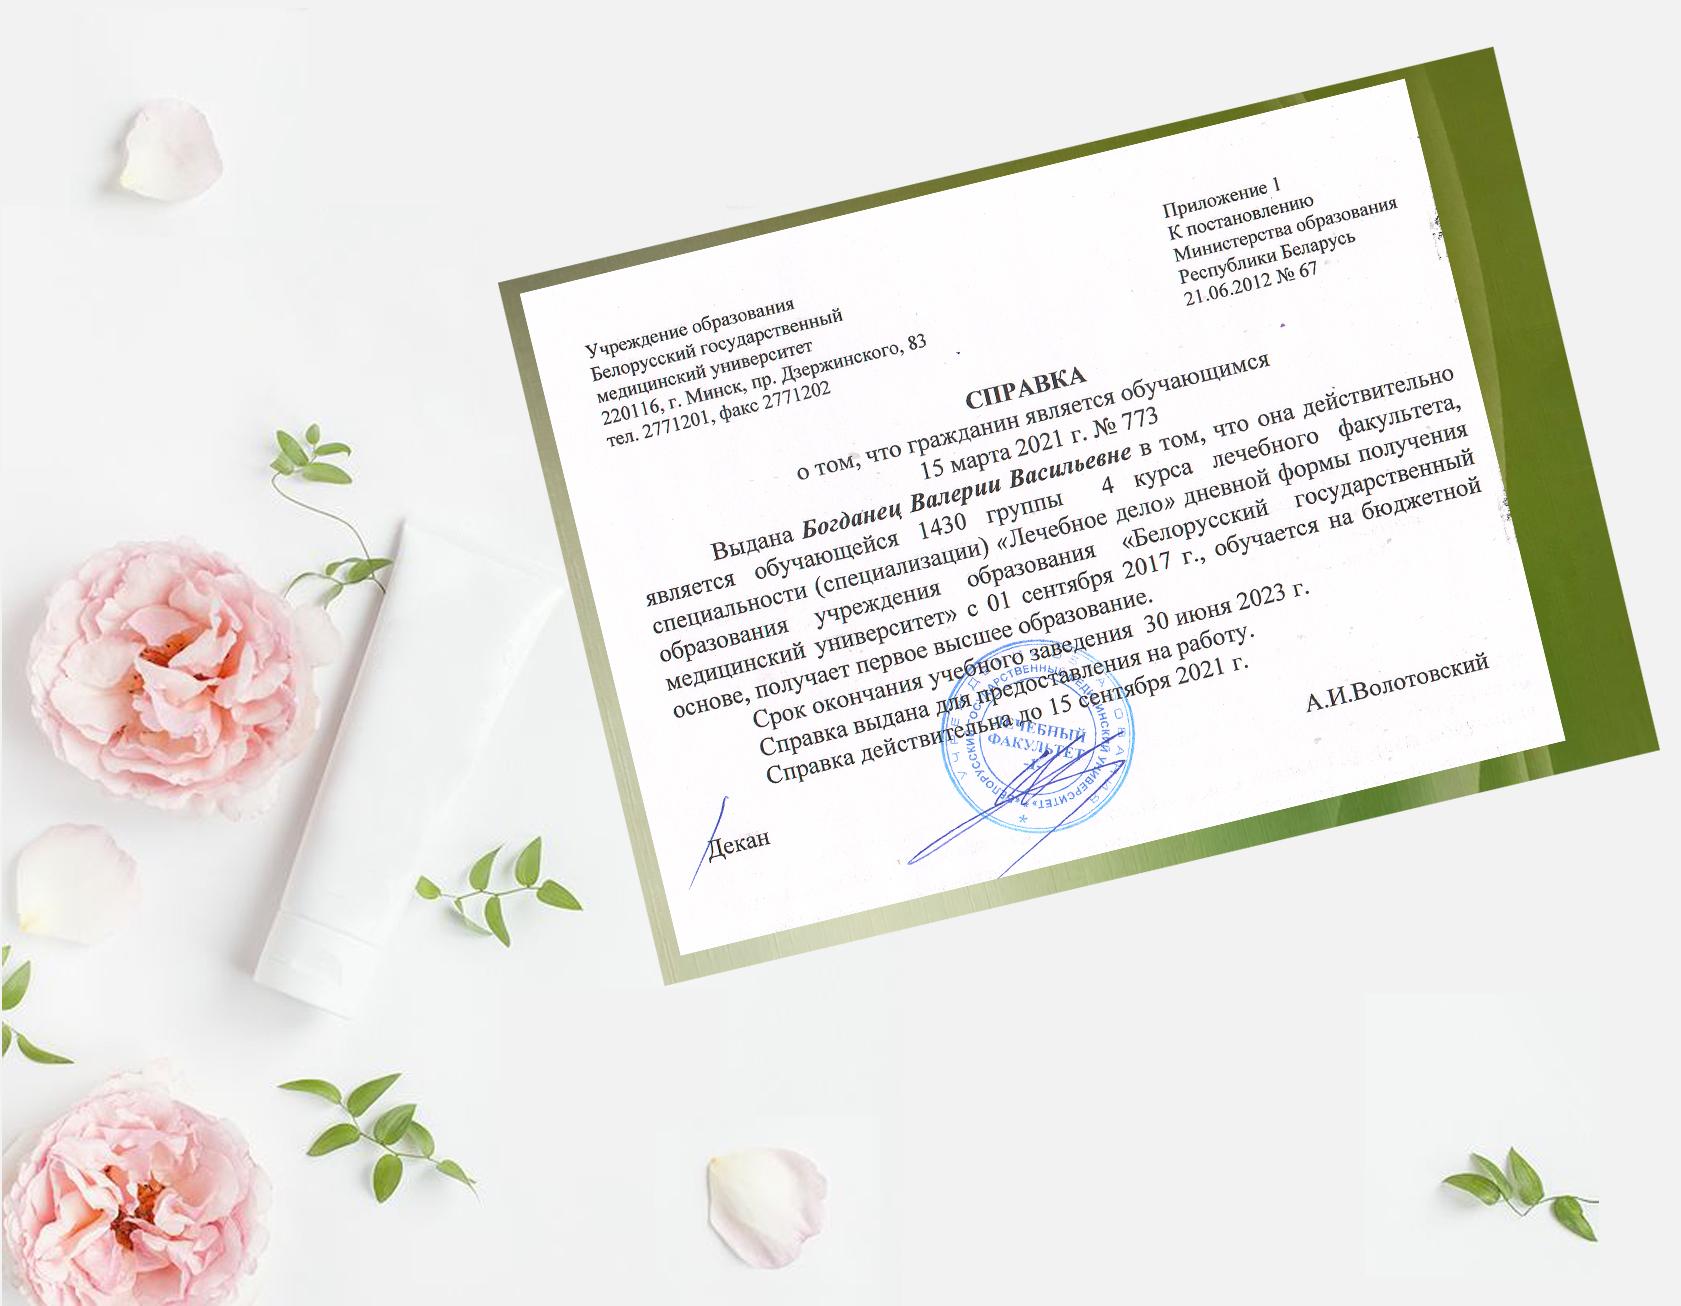 Косметолог в Минске Высшее медицинское образование